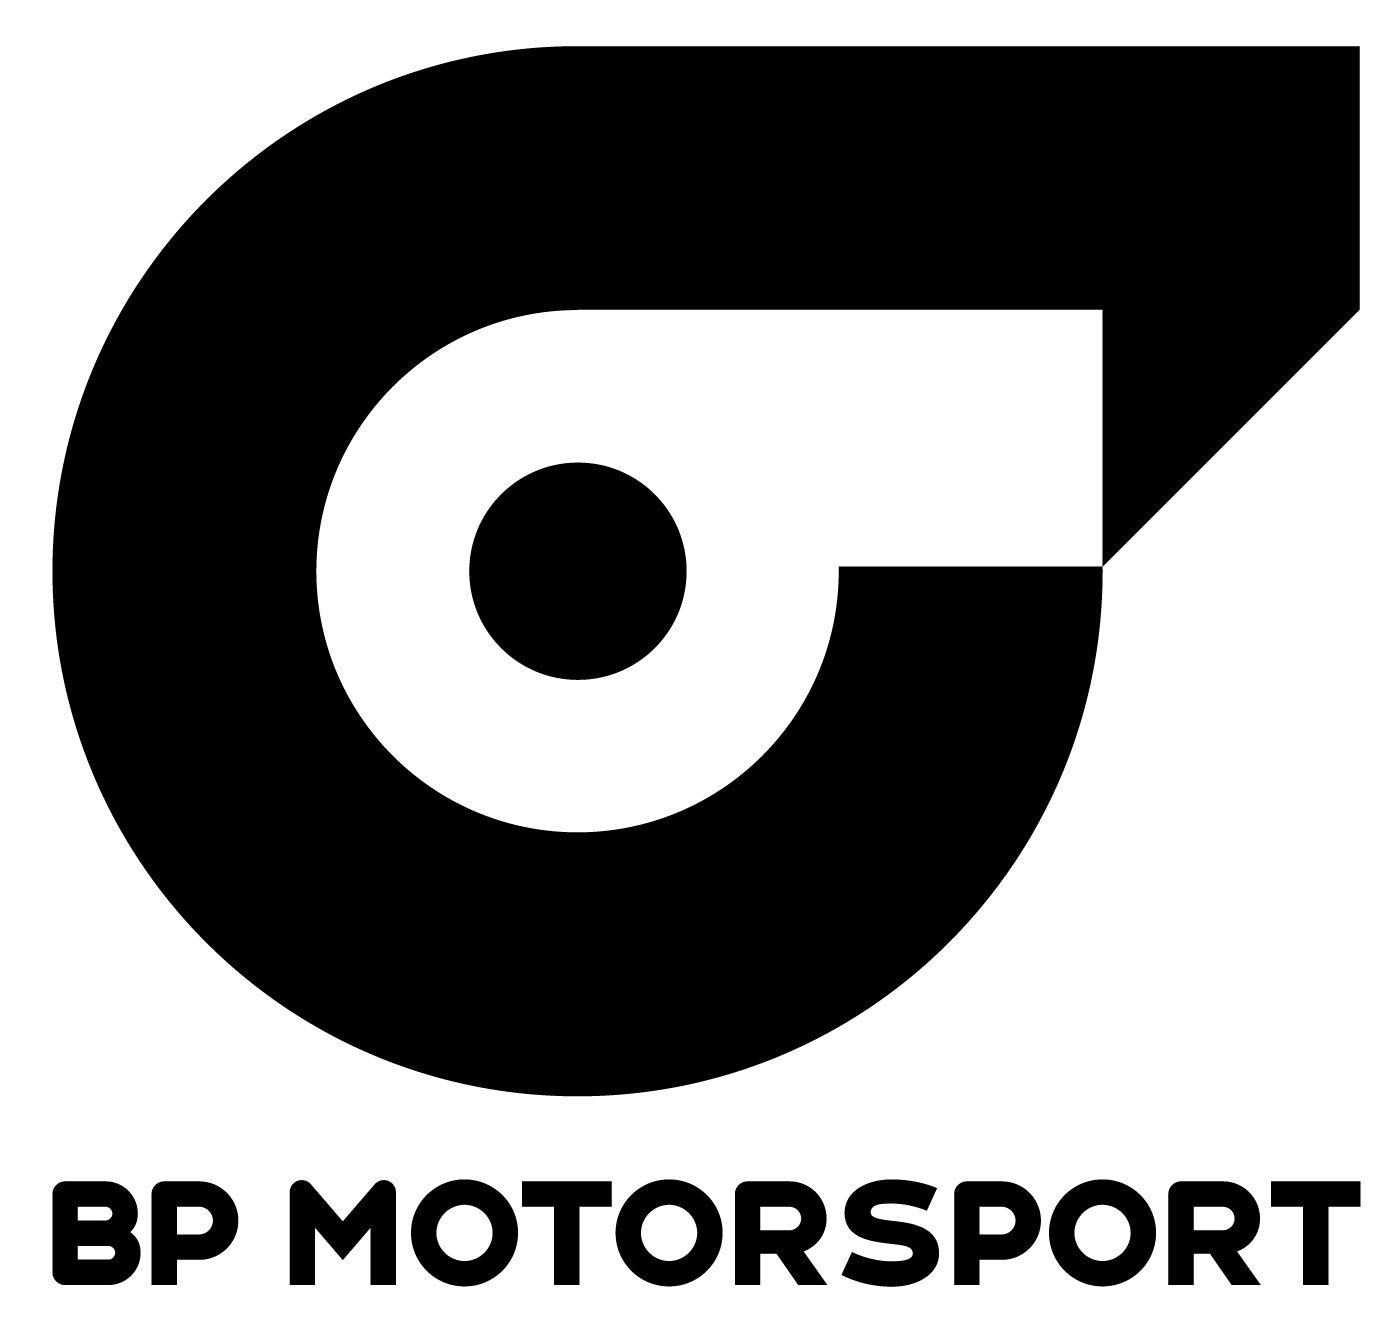 BP Motorsport